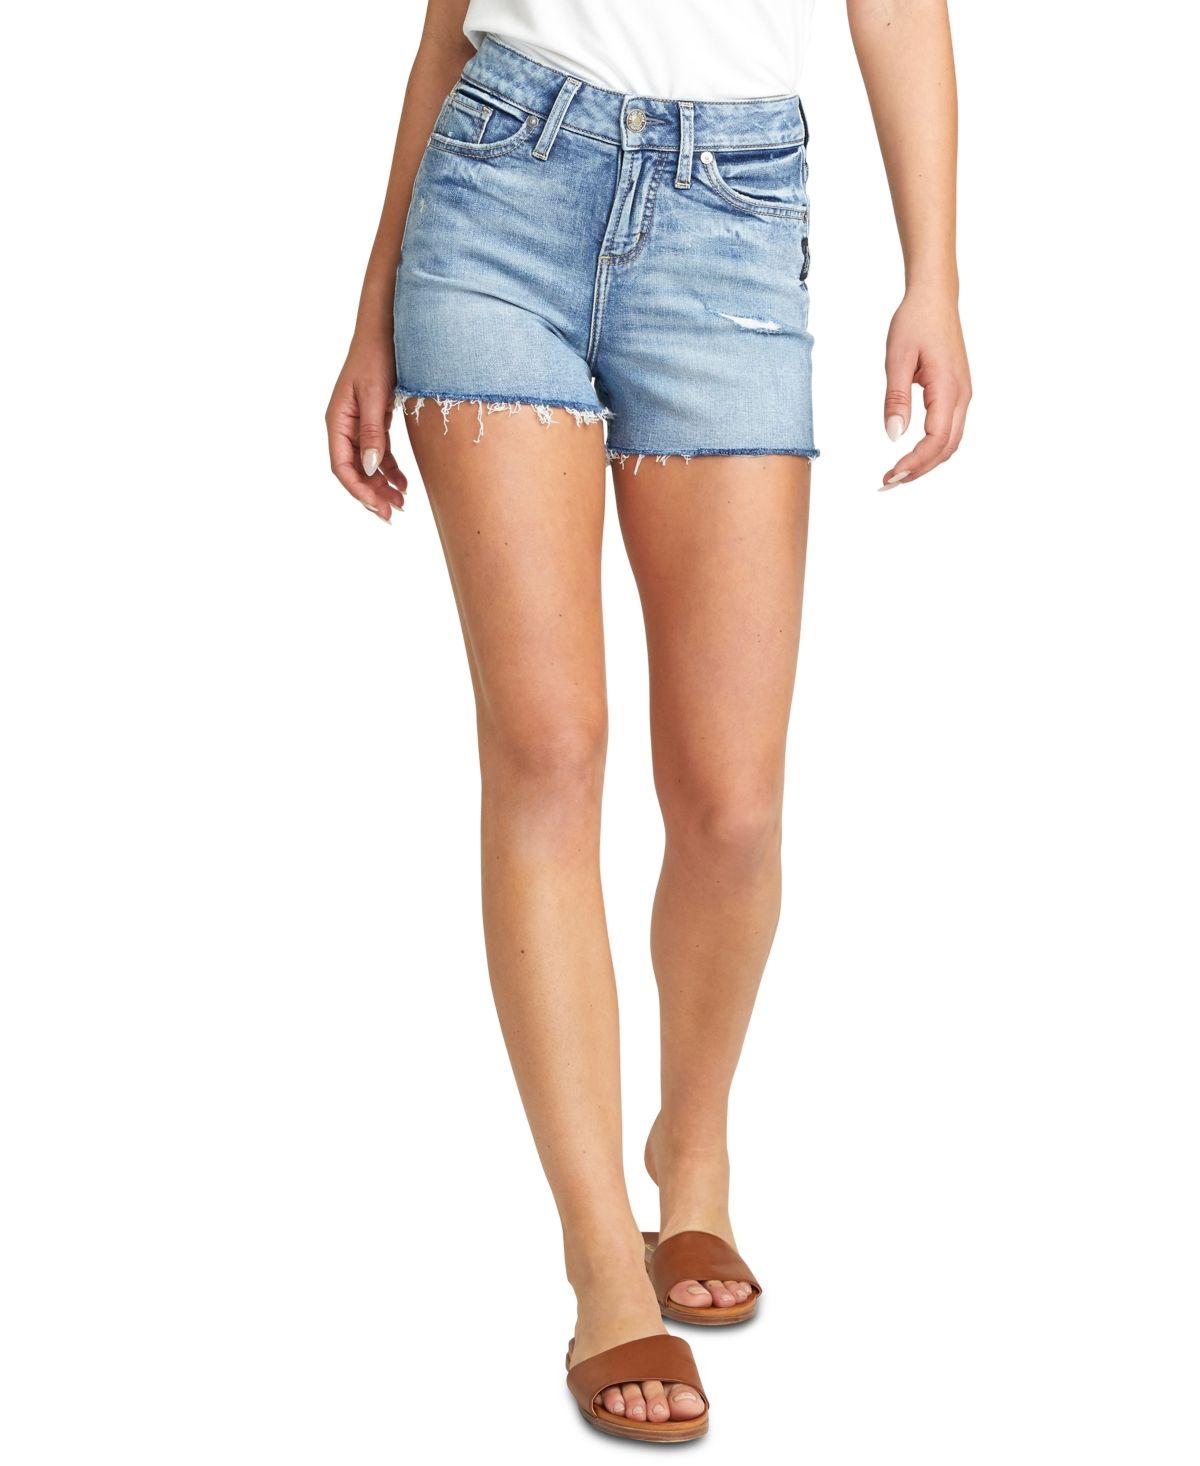 Silver Jeans Co. Avery Denim Cutoff Shorts - Indigo